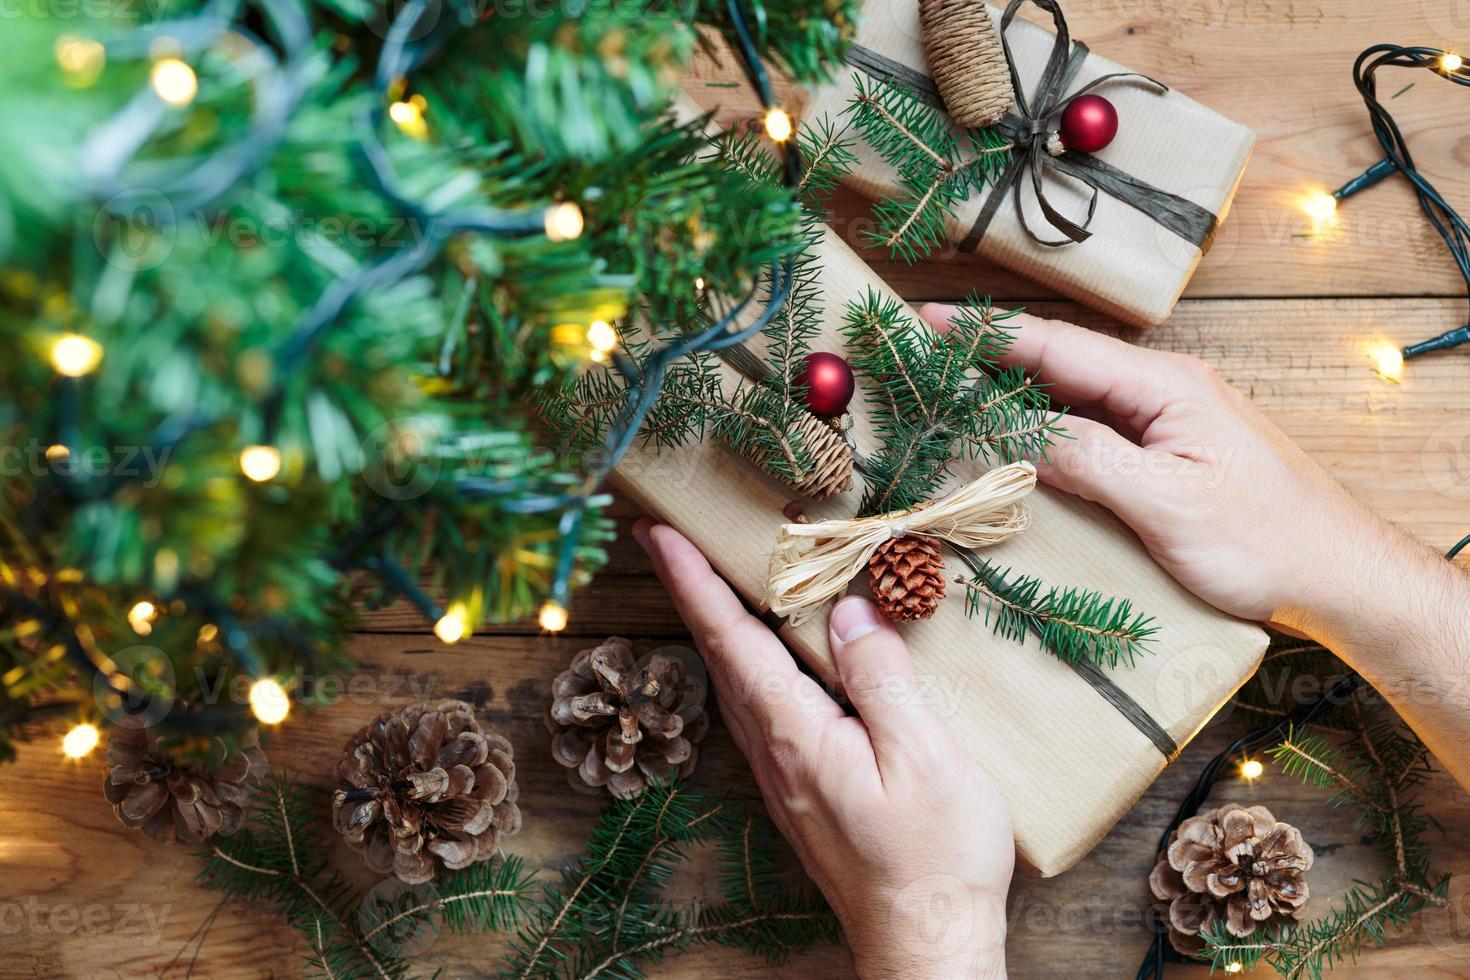 colocando presentes de natal debaixo de uma árvore foto